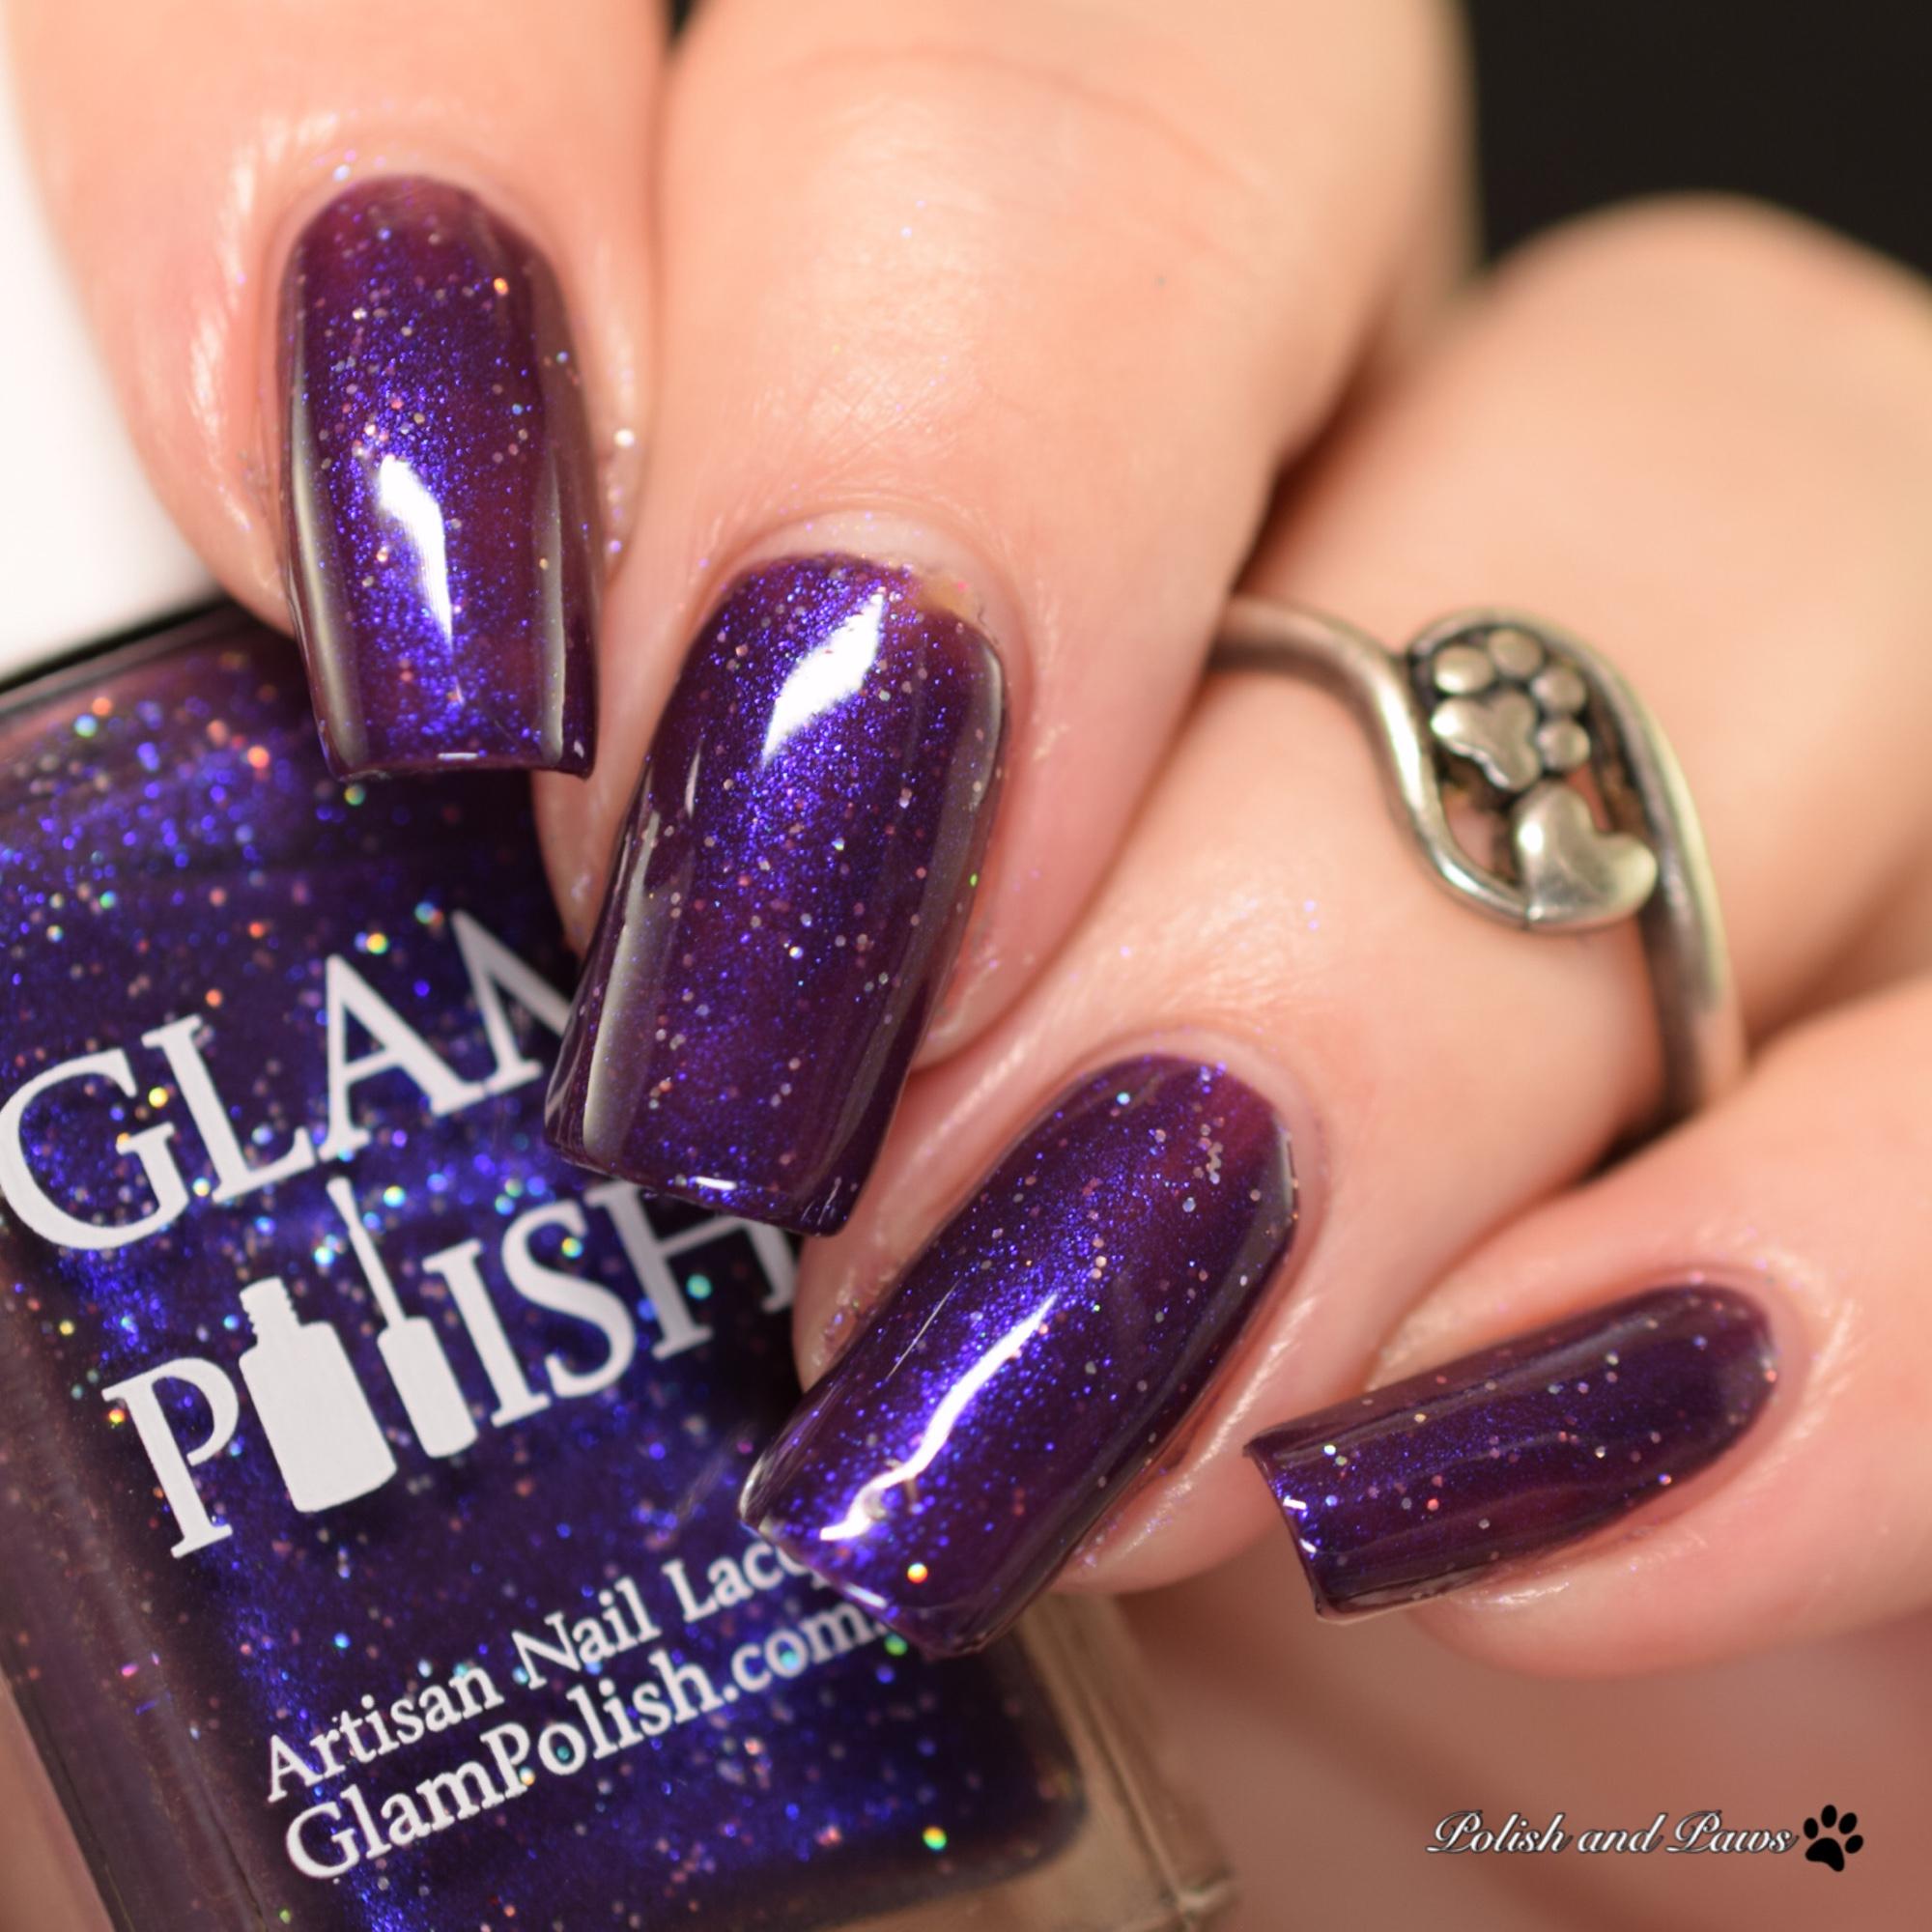 Glam Polish The Darkening